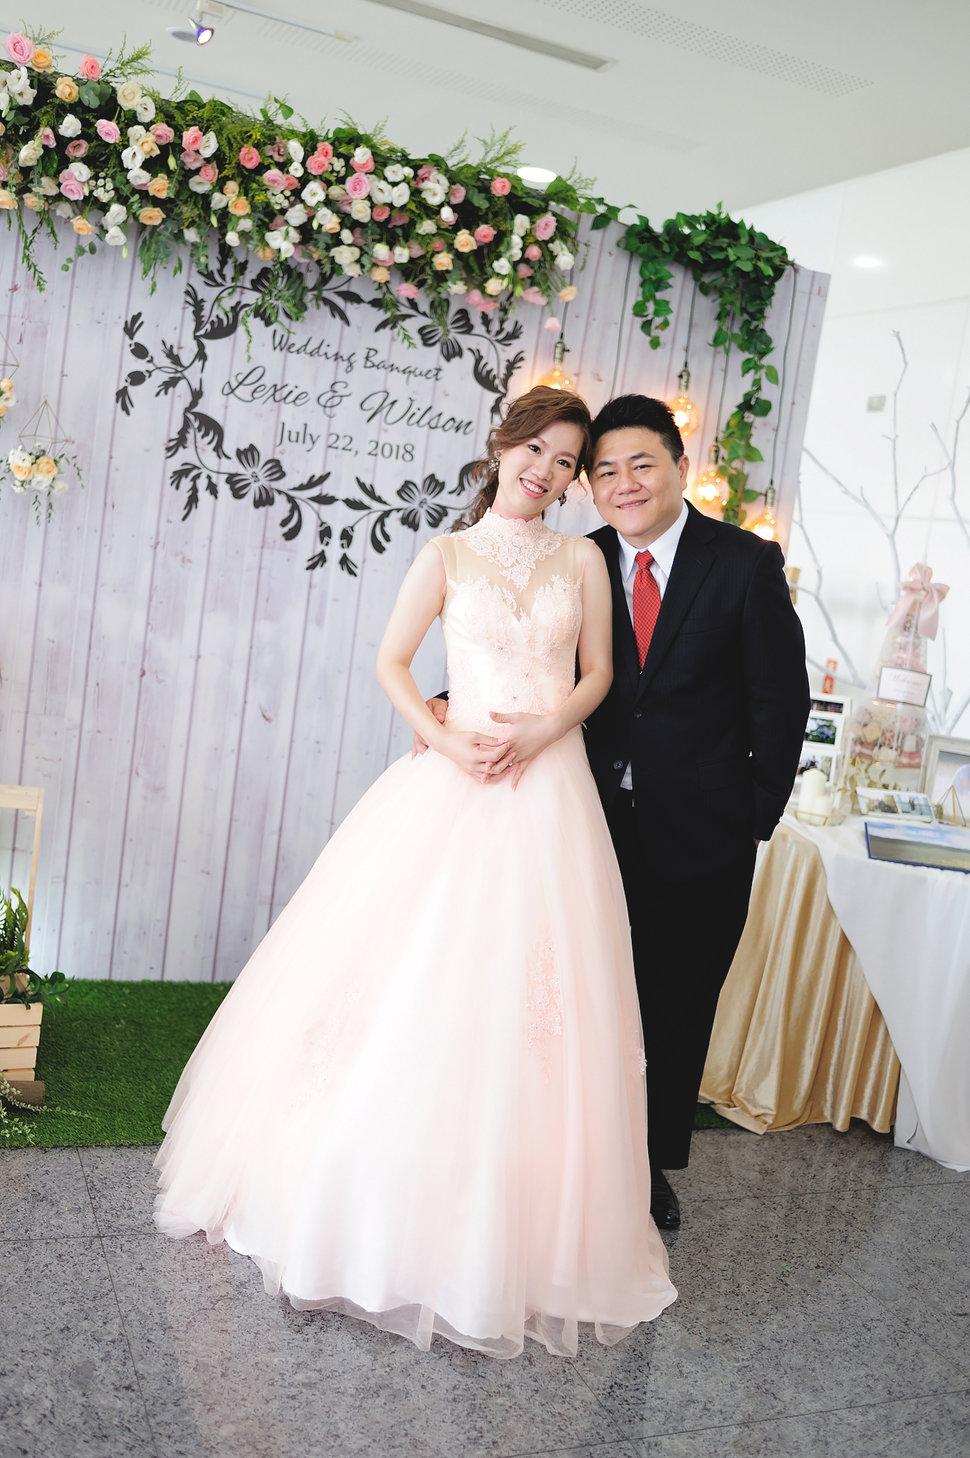 234 (61) - J-Love 婚禮攝影團隊《結婚吧》